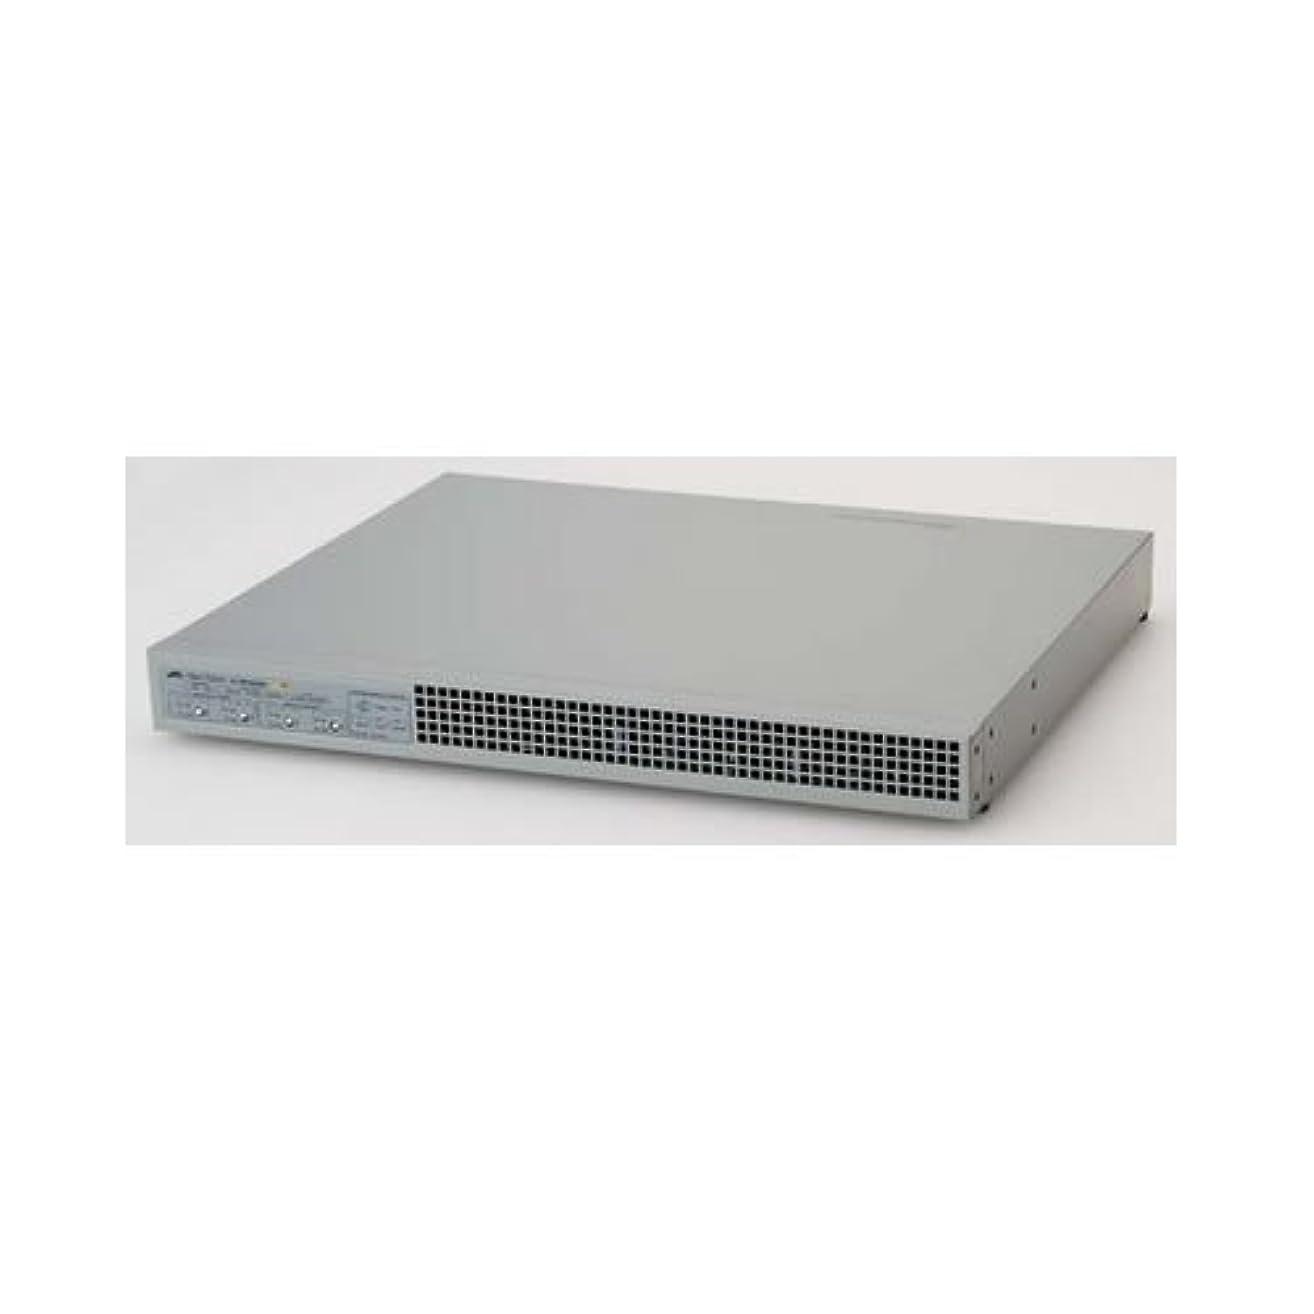 冒険バースチューリップアライドテレシス AT-RPS3000-X1 電源 0755RX1